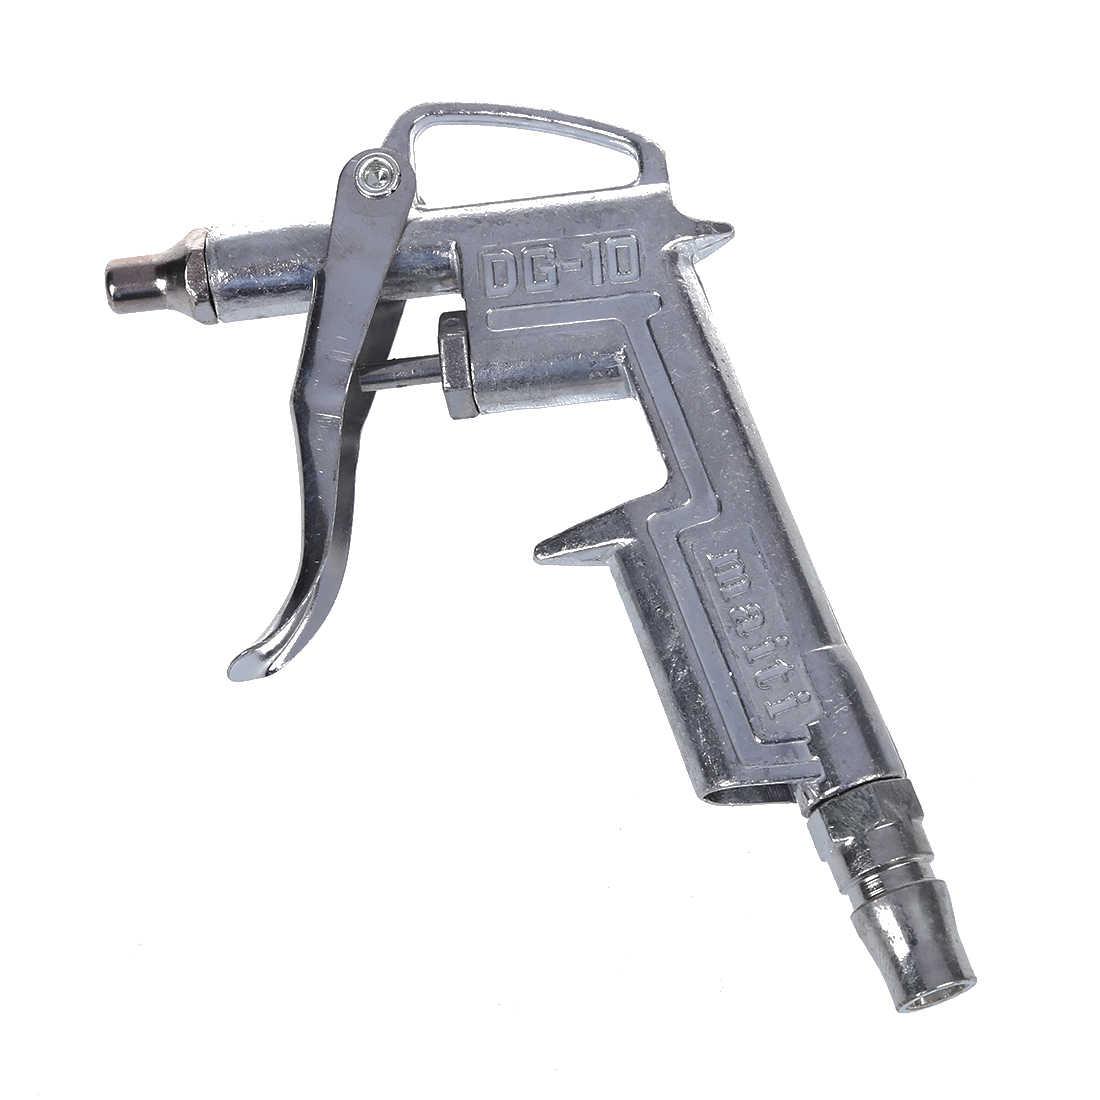 Air Duster Compressor Stof Verwijderen Gun Blow Spuitpistool met Spare Staal Nozzle Luchtblazer Cleaning Clean Handige Tool 0.2-0.4mpa